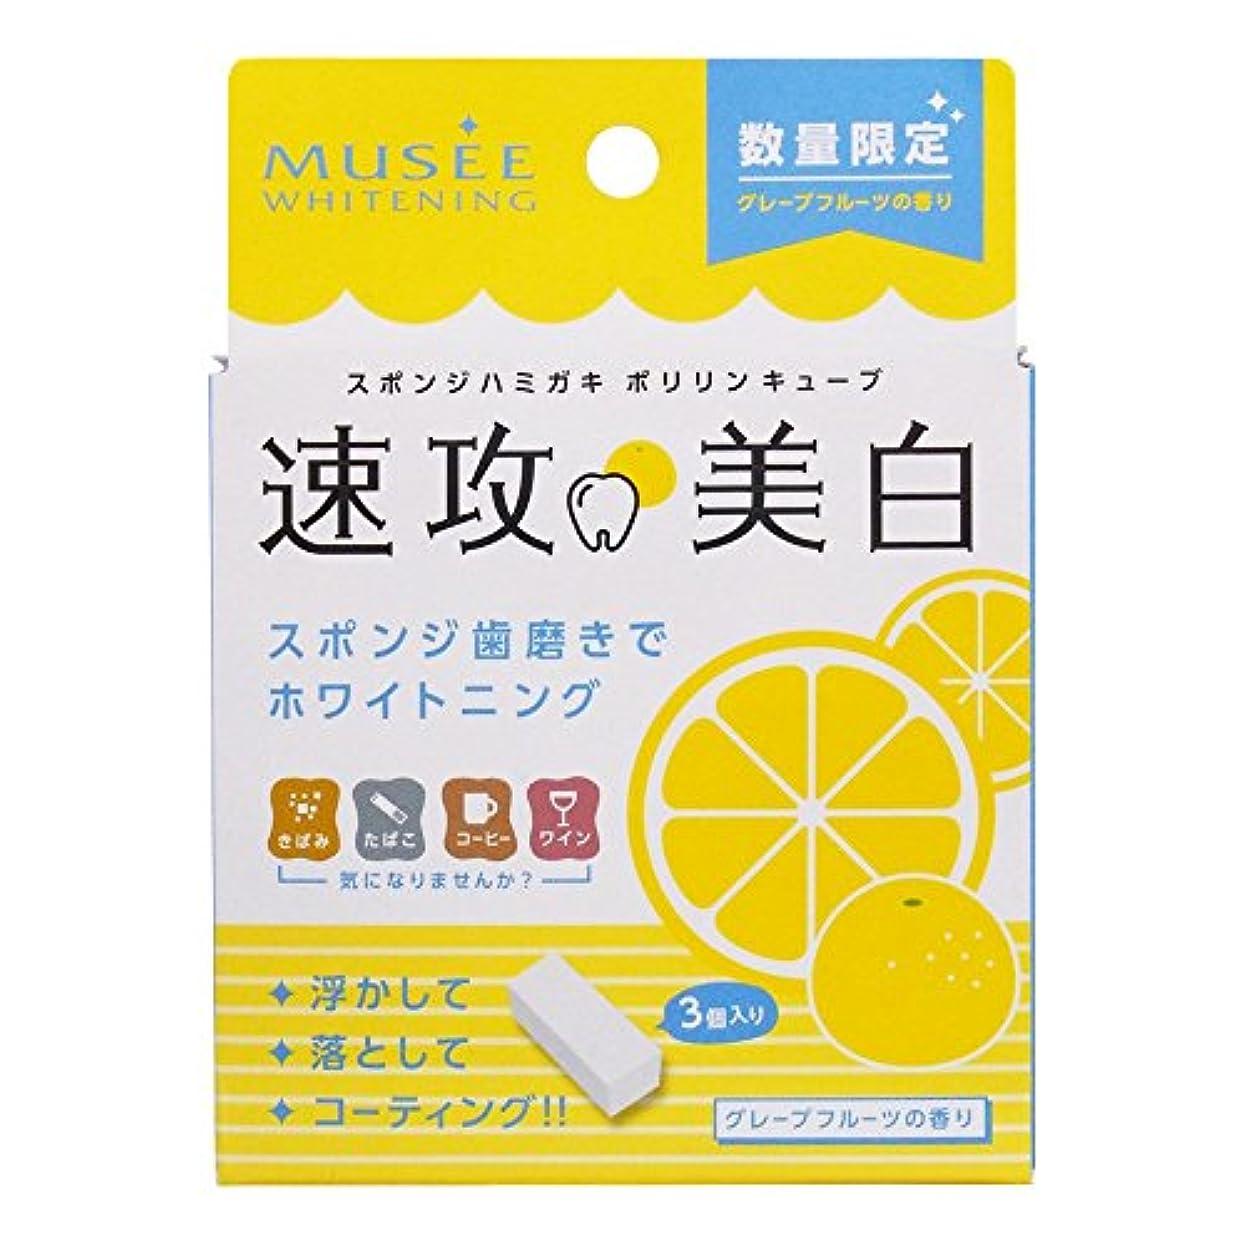 ギャラントリーカリキュラム母音ミュゼホワイトニング ポリリンキューブ グレープフルーツの香り (1回分×3包)